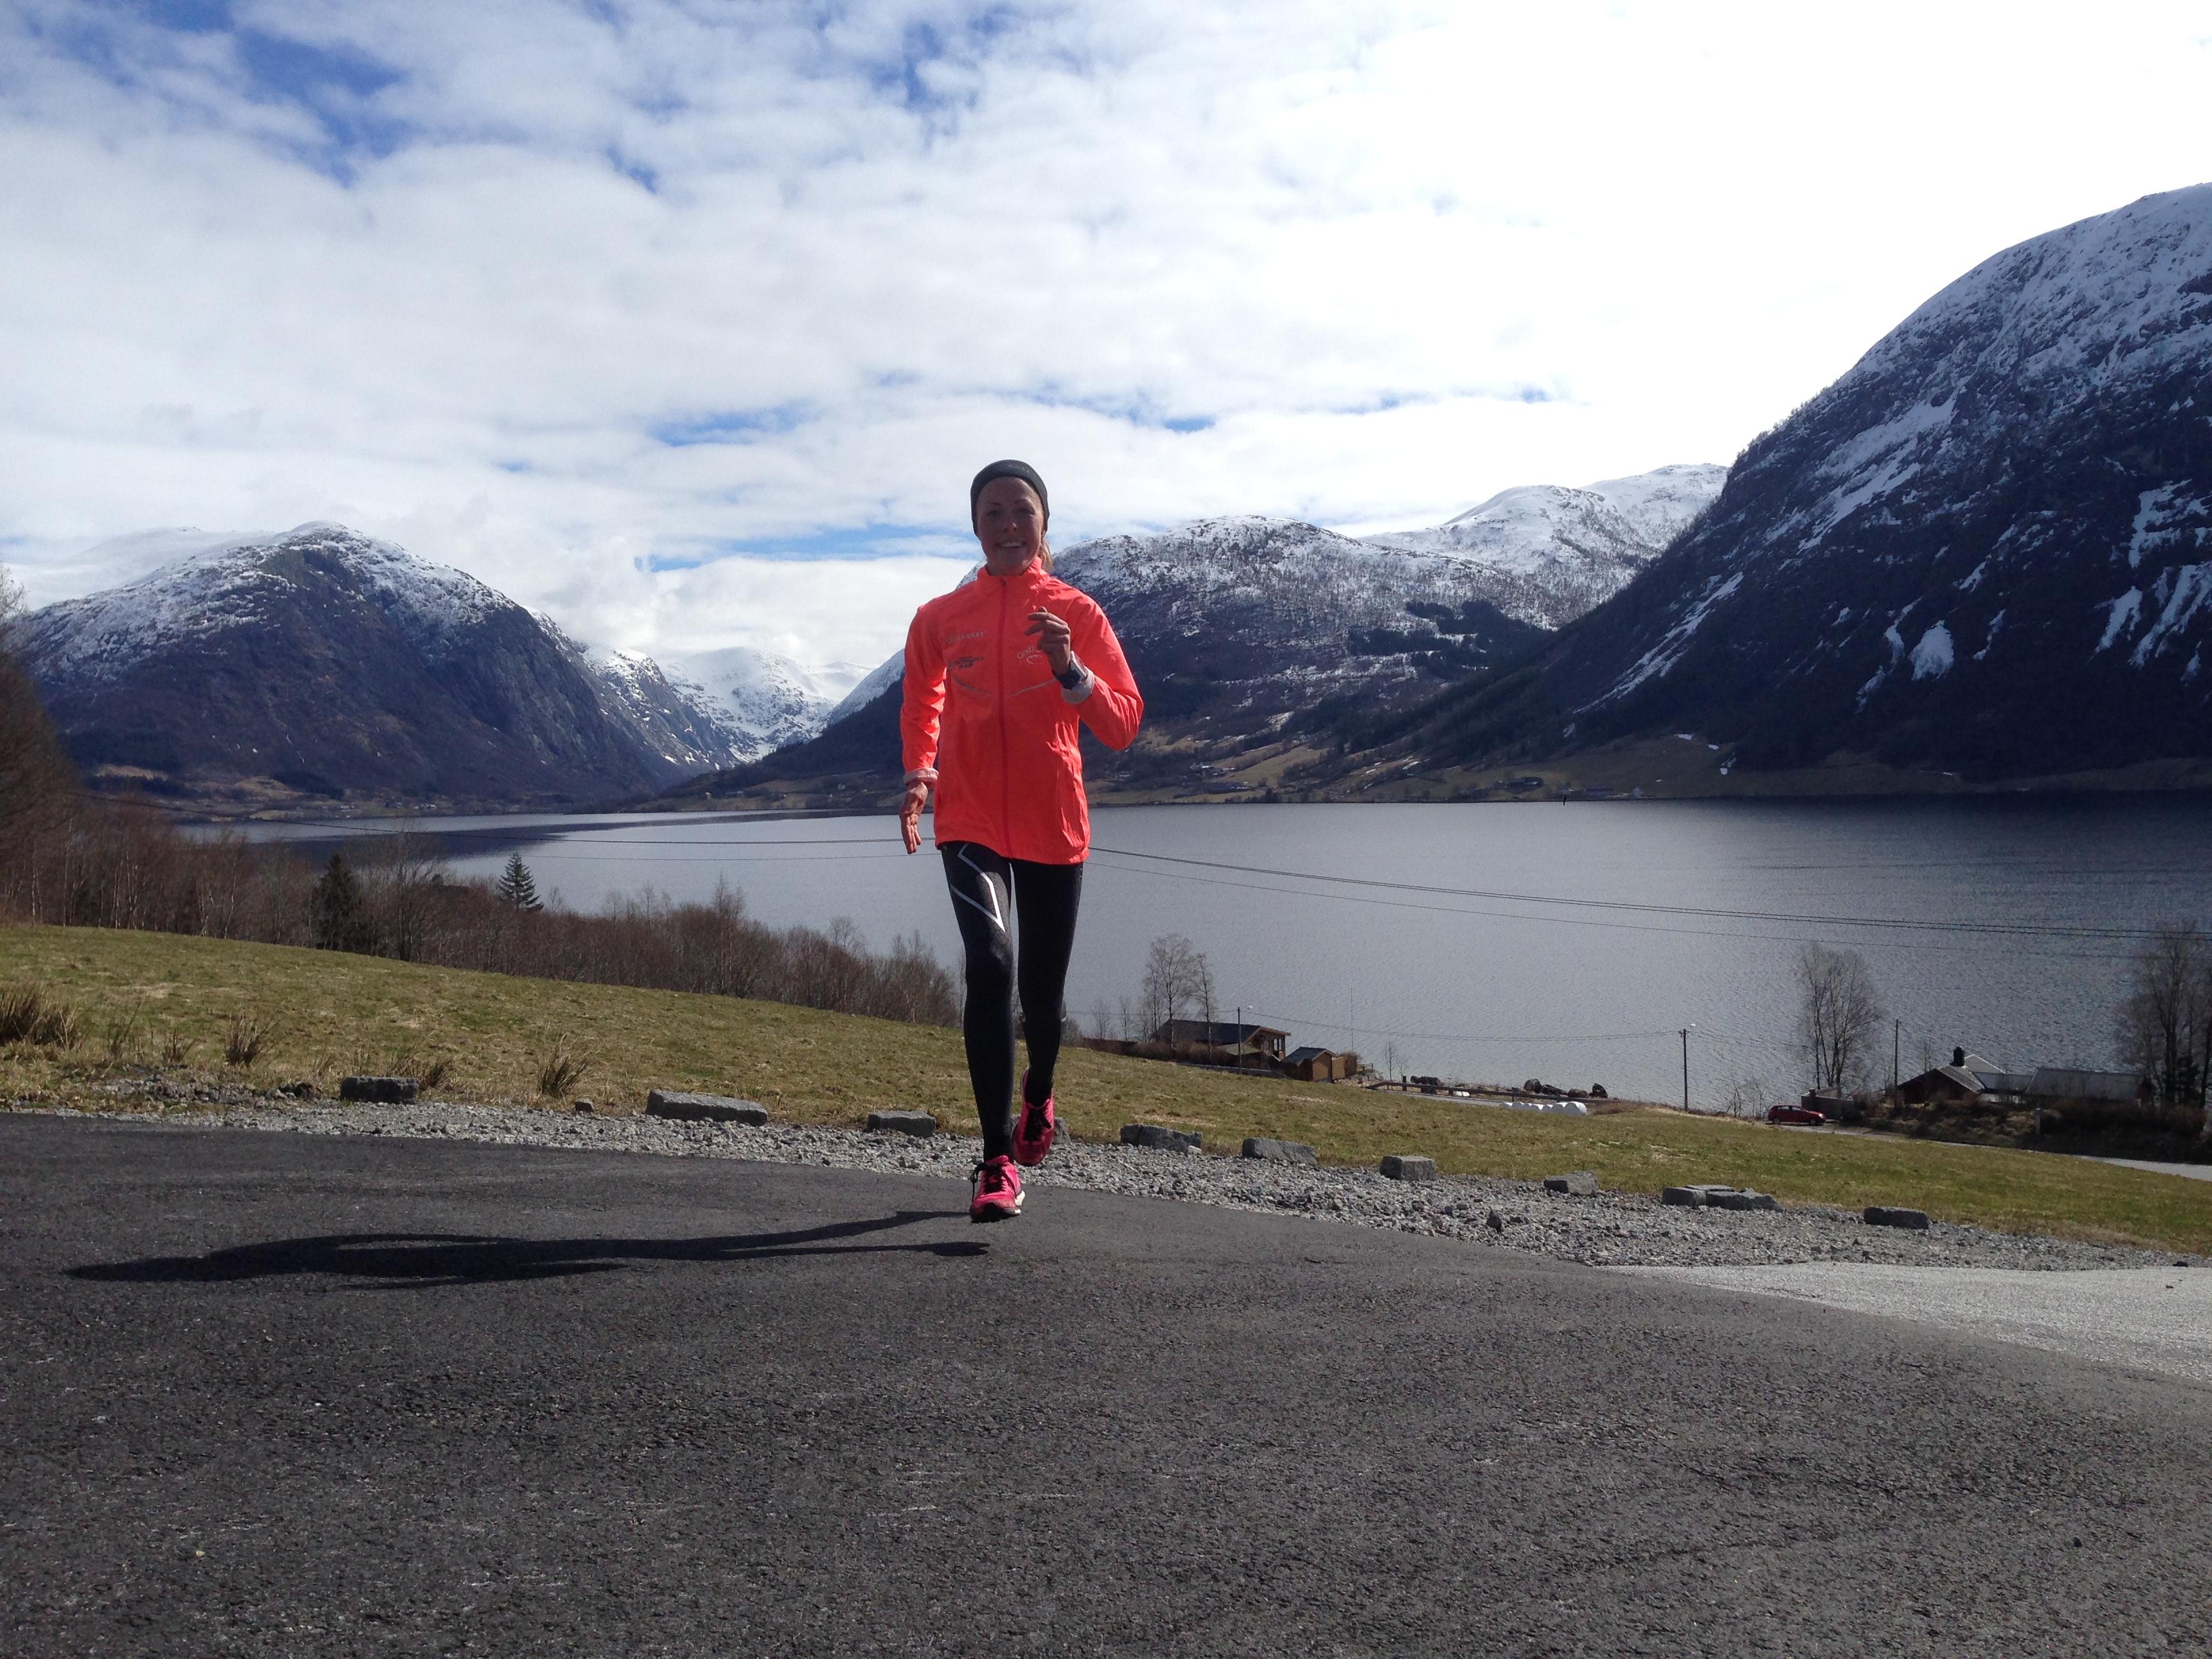 Norges beste motbakkeløper Eli-Anne Dvergsdal er ambassadør for Maxim.